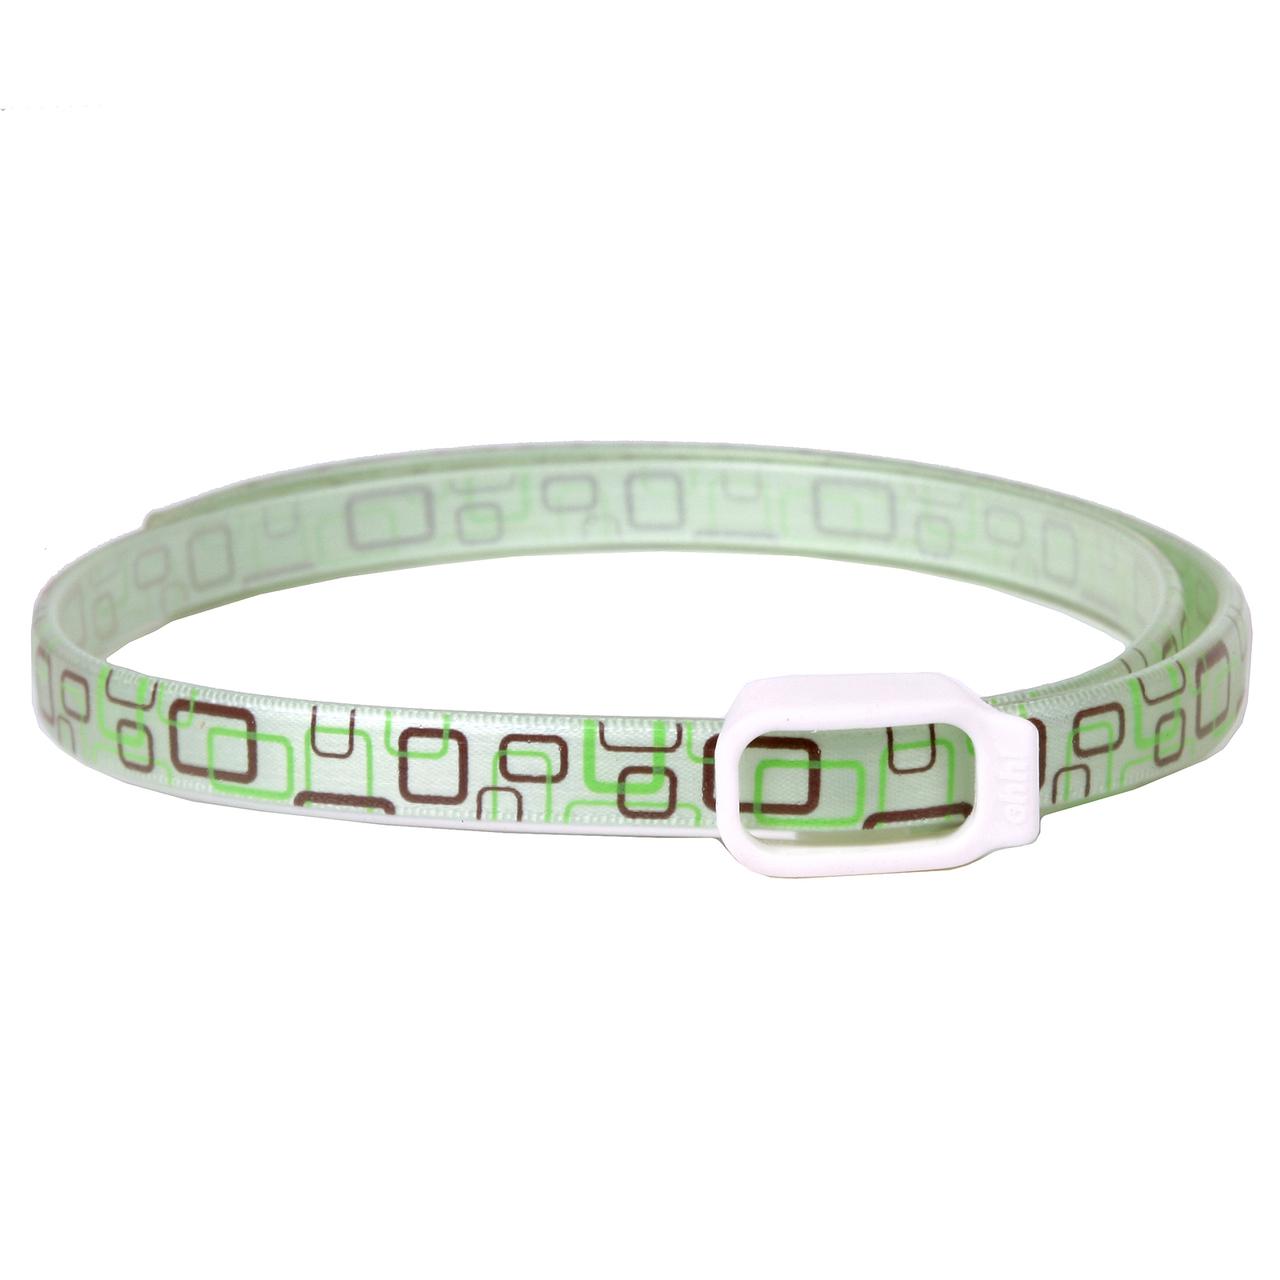 Essential Oils Dog Collar - Green Geometric